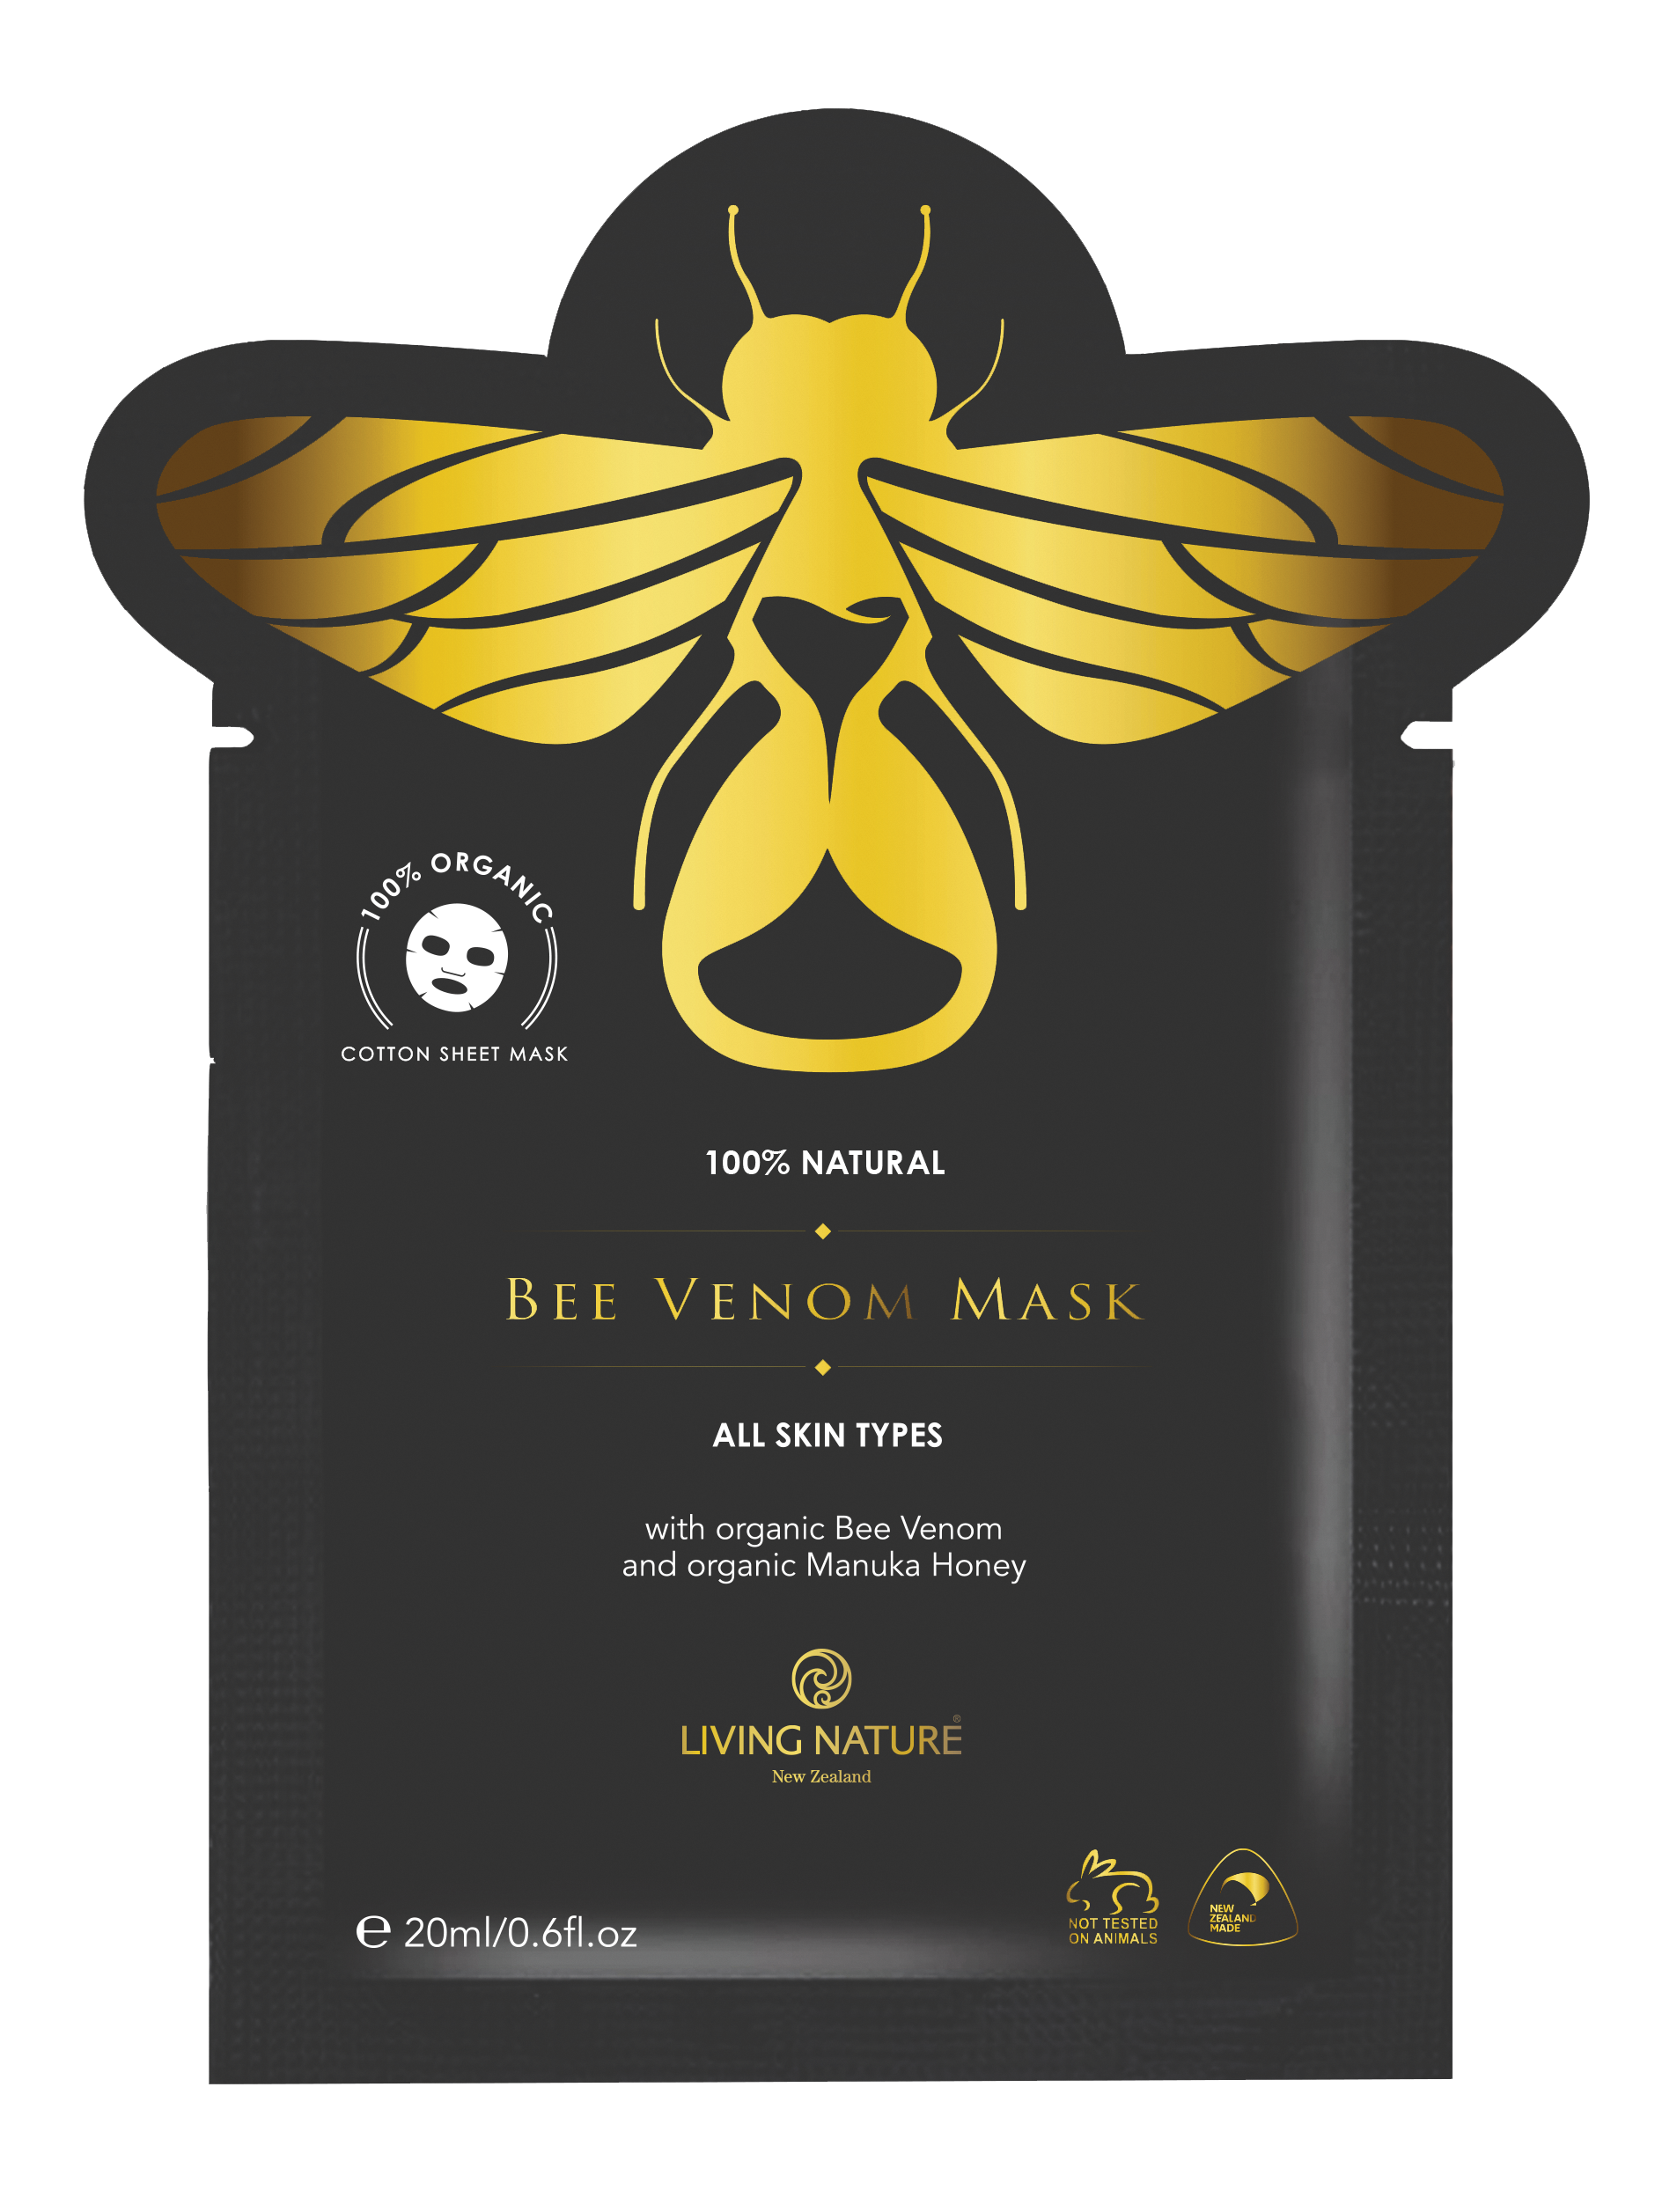 Mặt nạ nọc ong Living Nature Bee Venom Mask chống lão hóa, dưỡng da